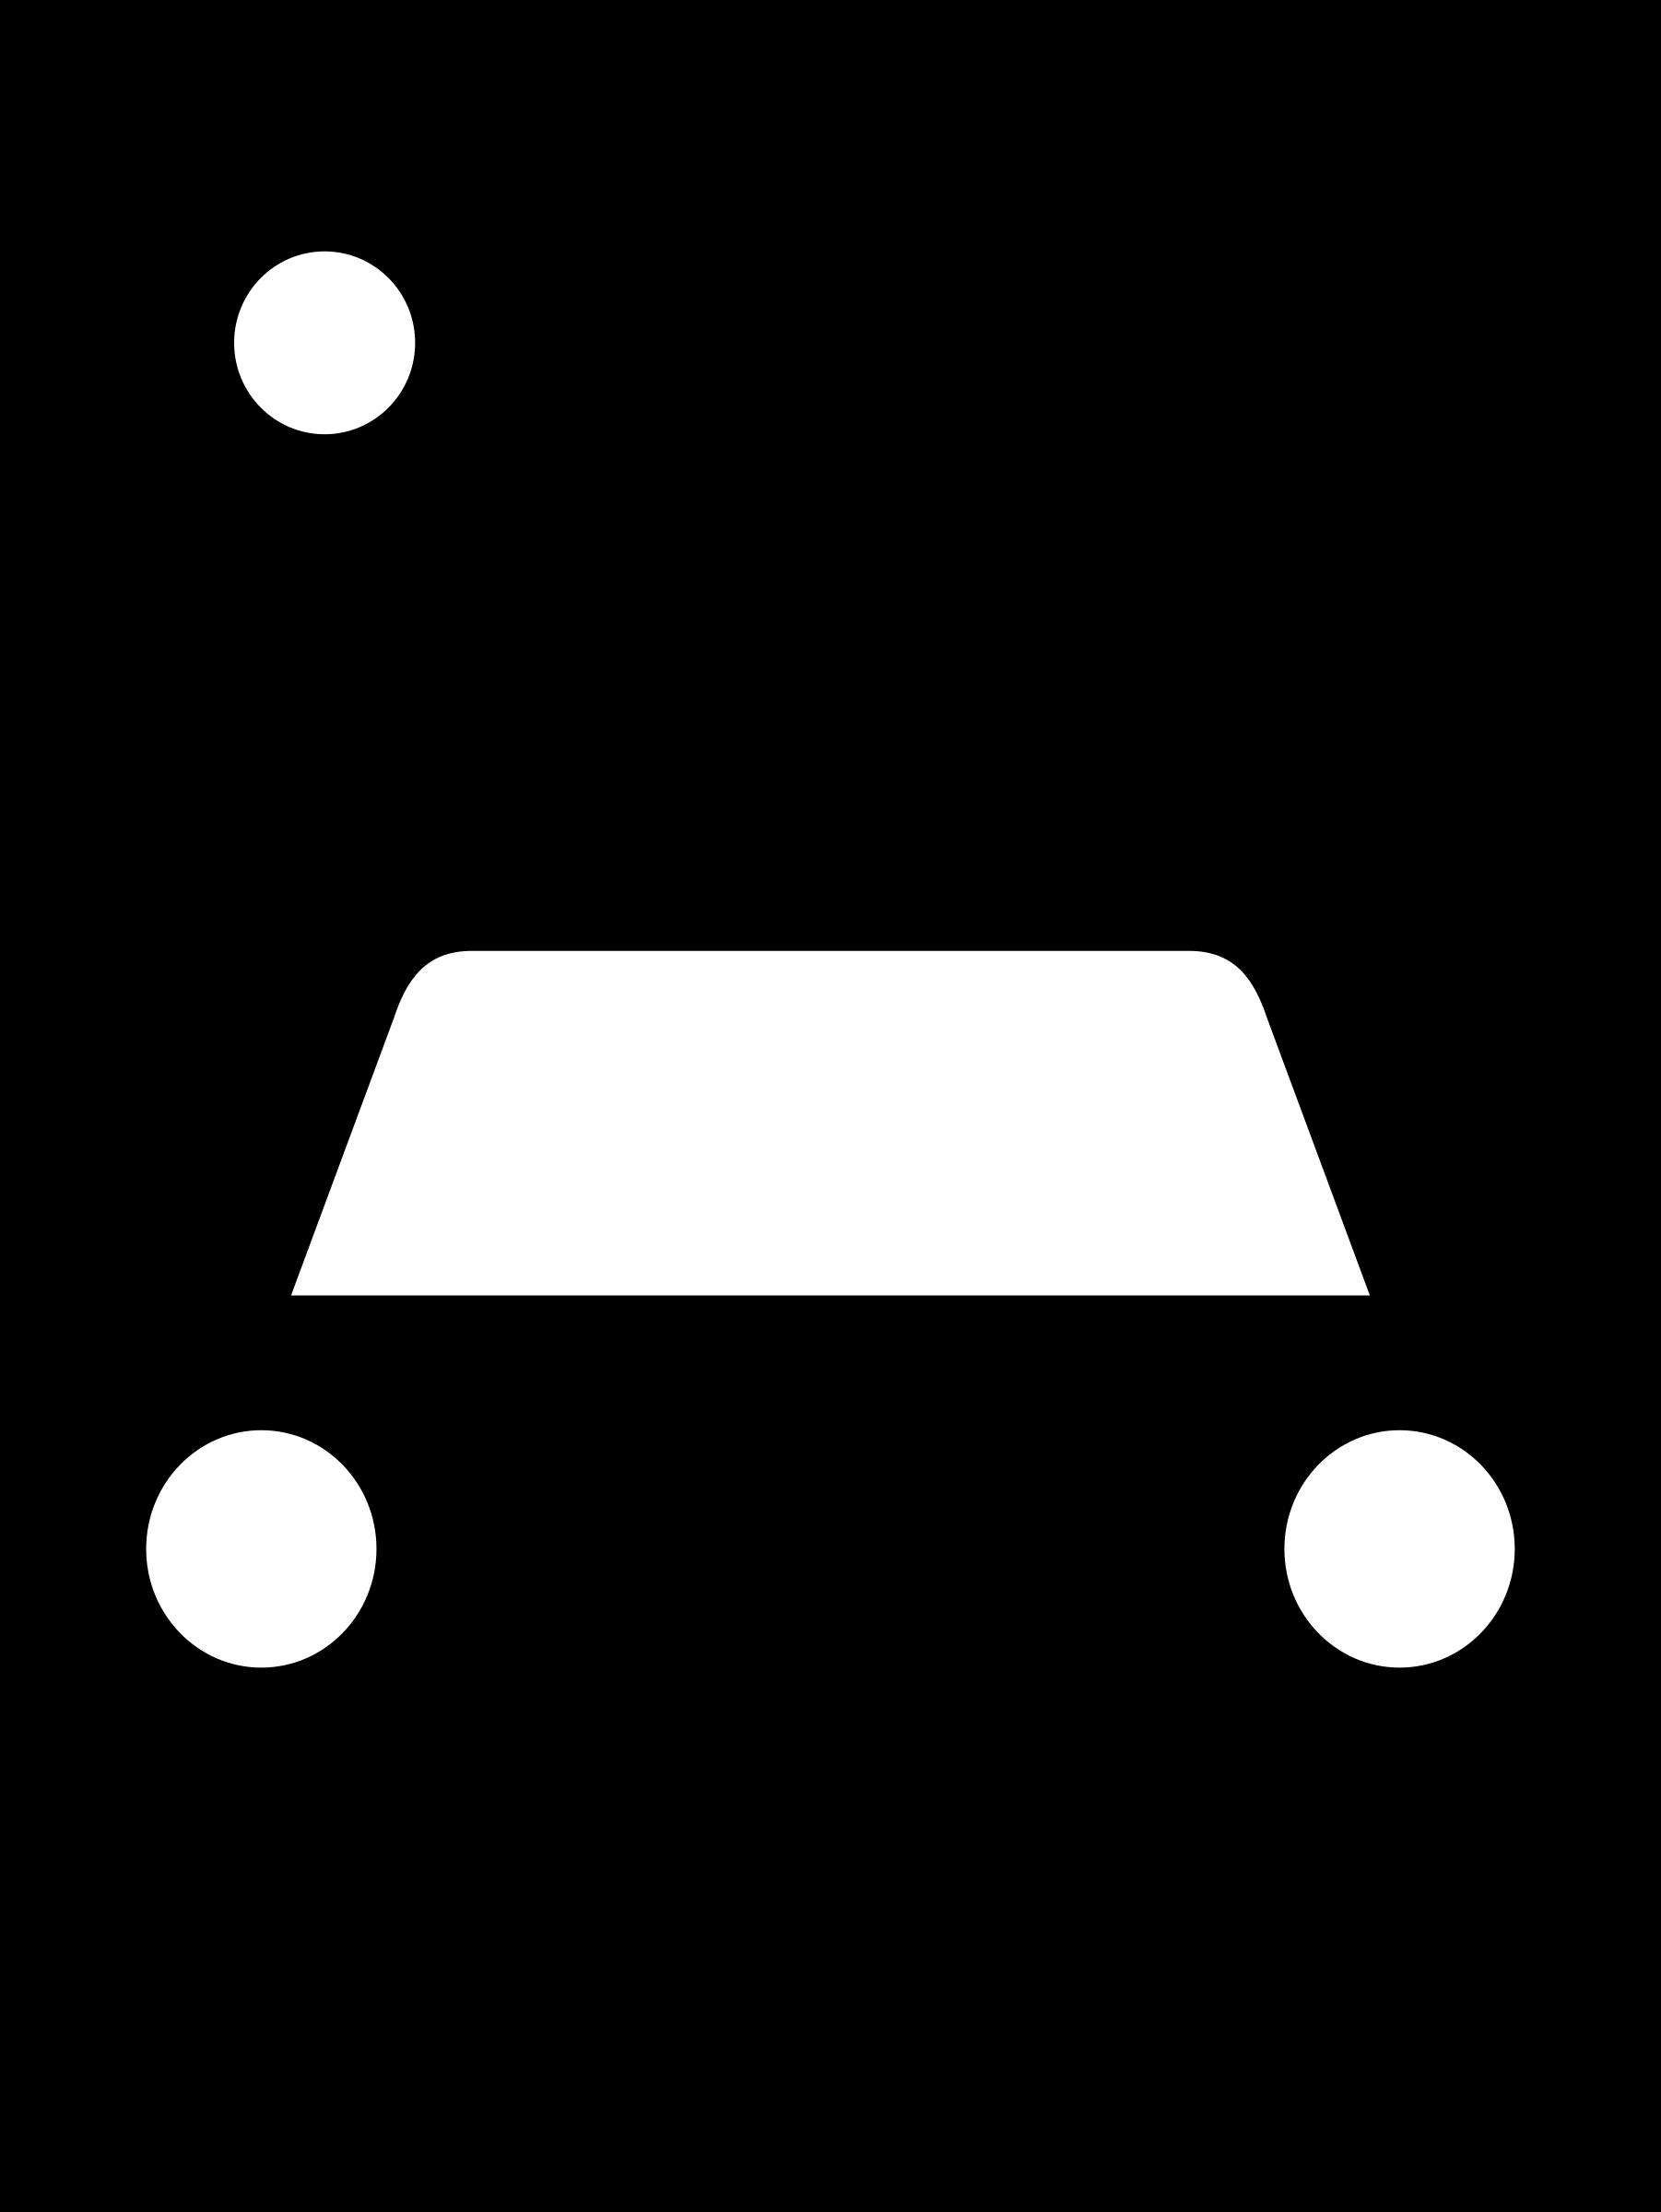 Car sign clipart jpg black and white Clipart - aiga car rental jpg black and white